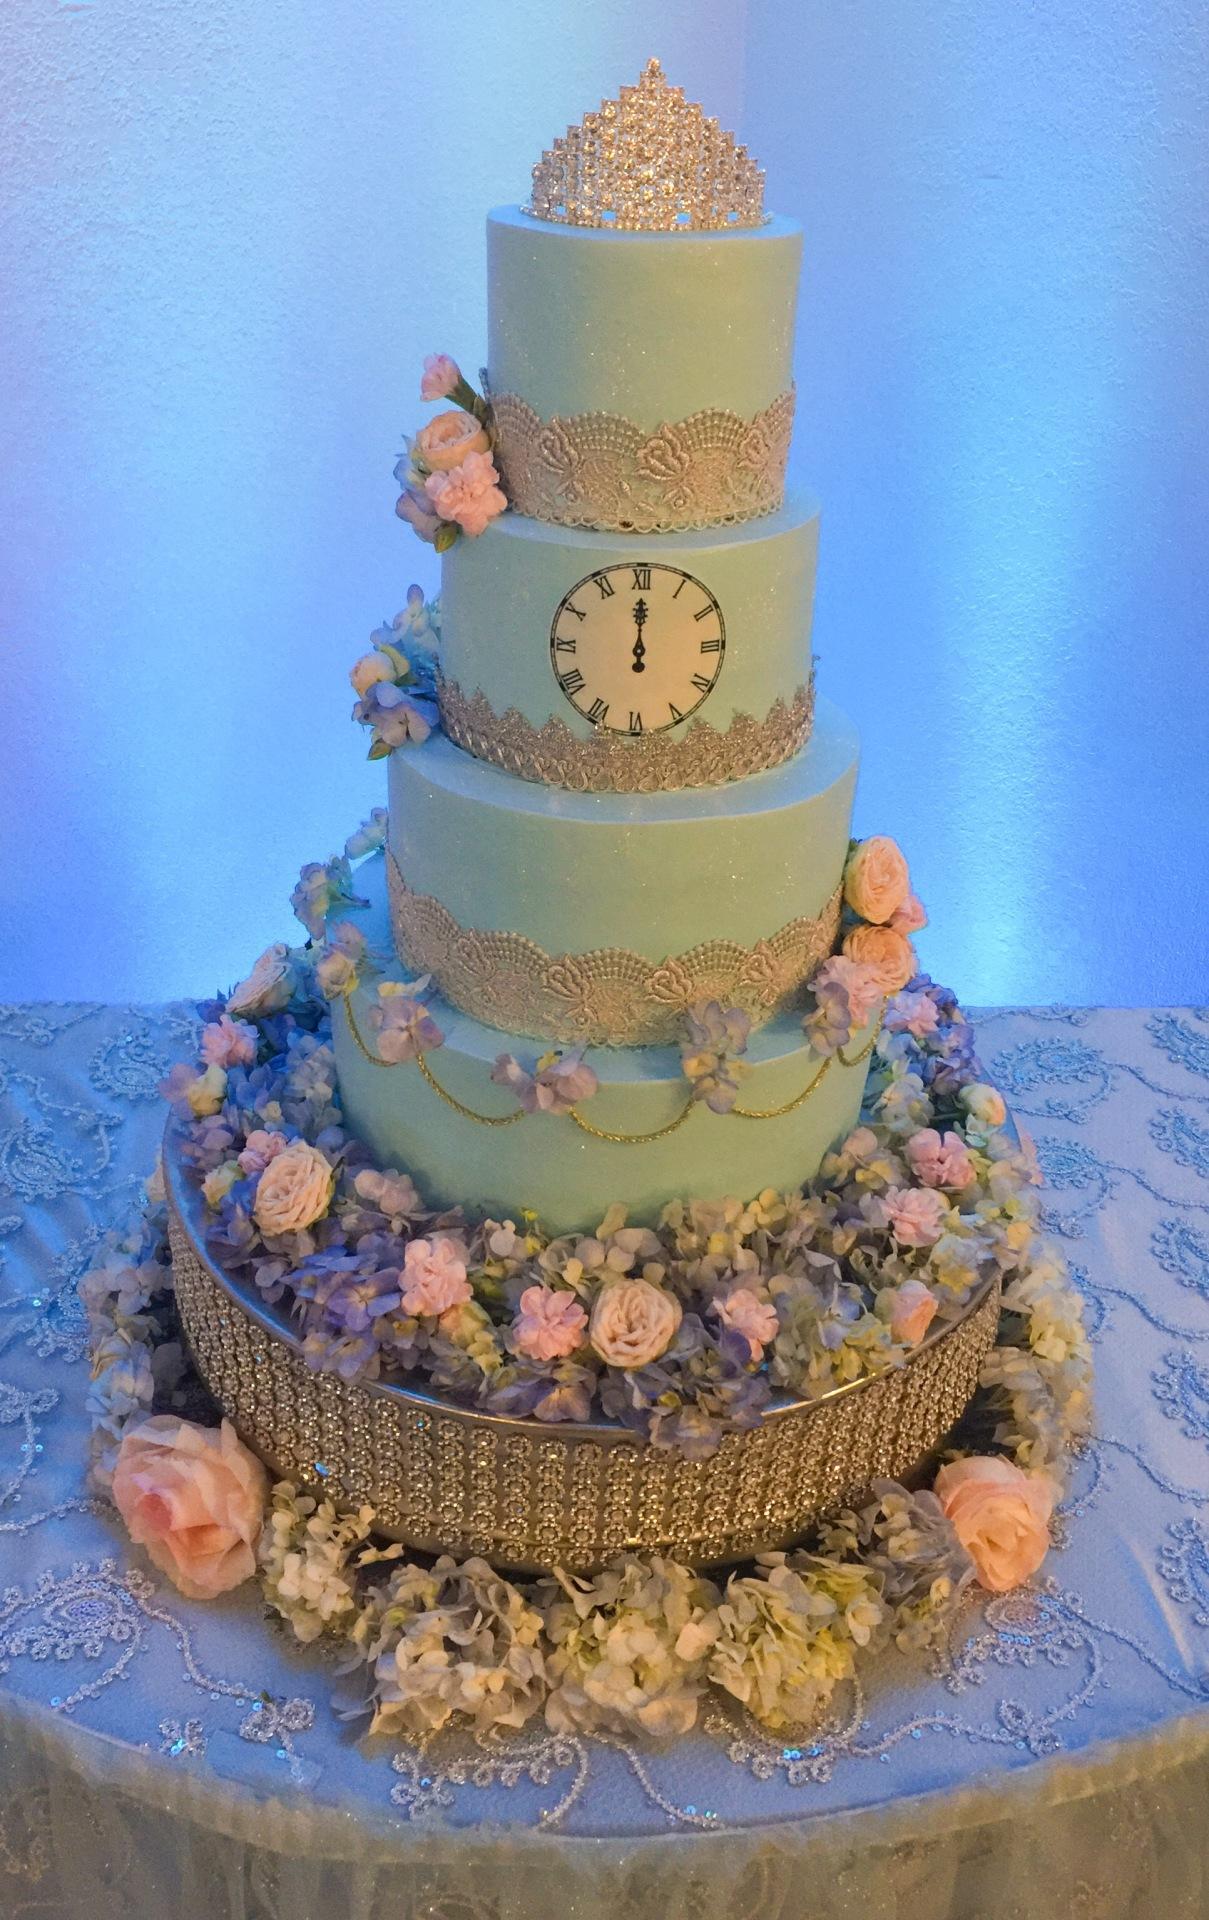 Tic Toc Cake